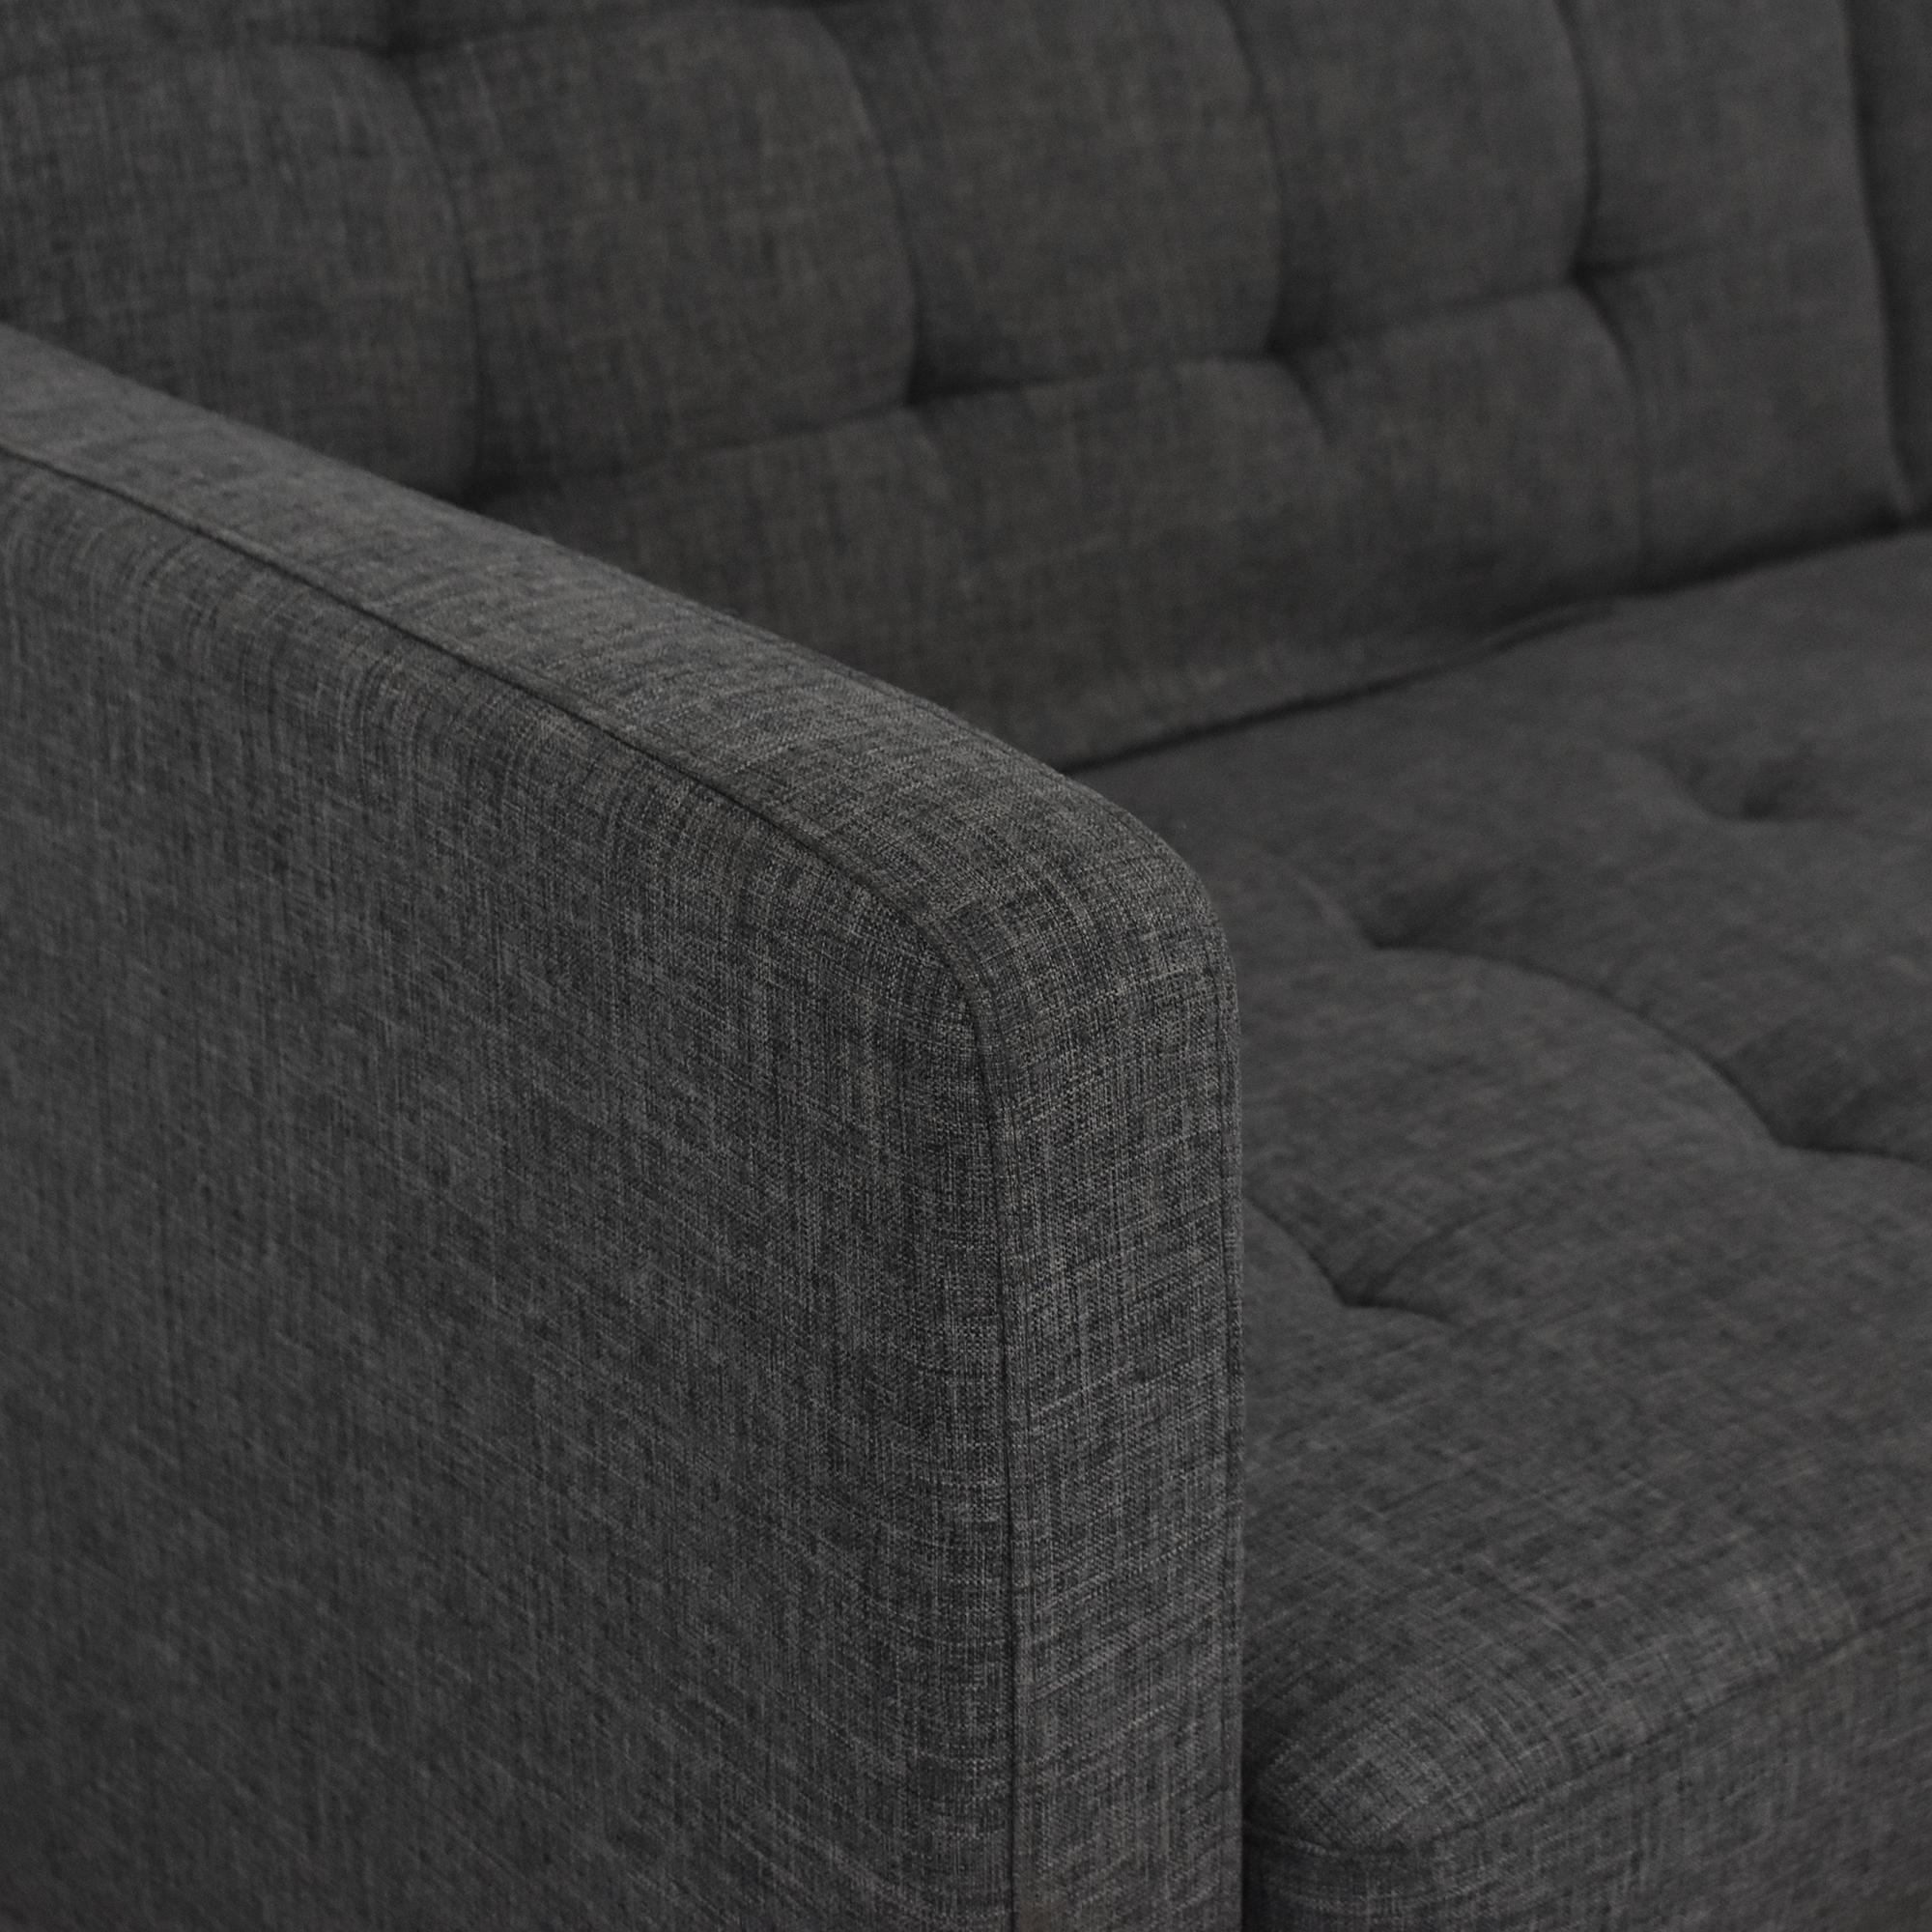 Zuri Furniture Zuri Furniture Beta Sleeper Sofa pa